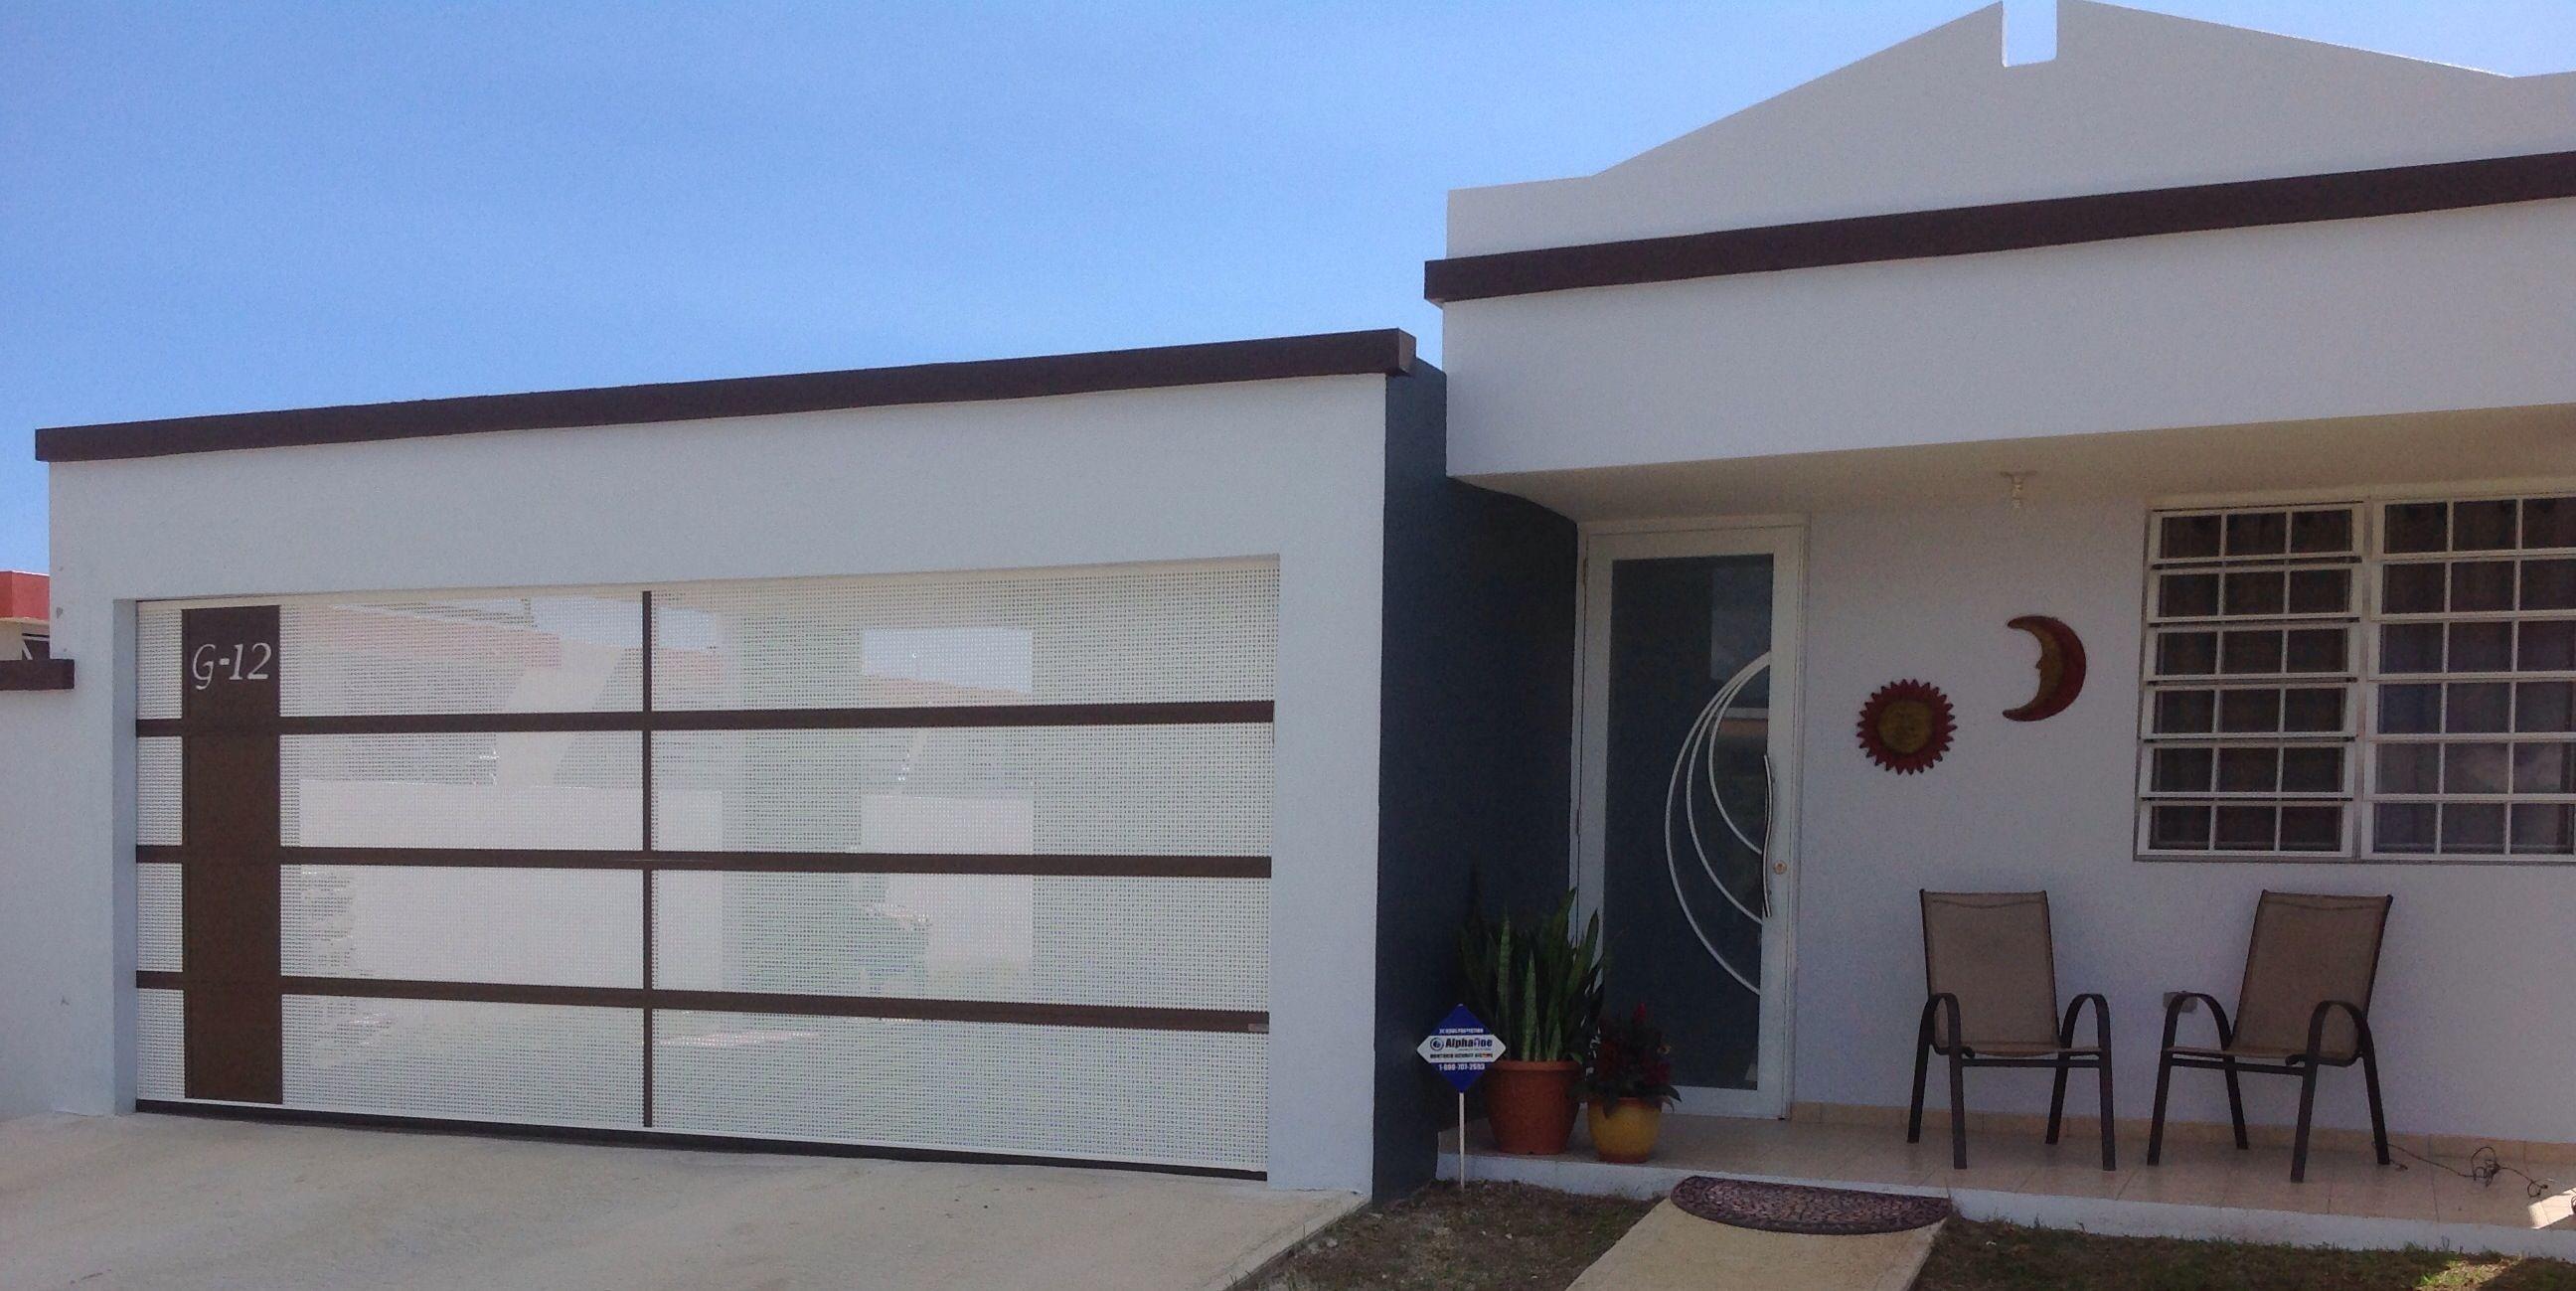 Puerta de garaje perforada dise ada al gusto del cliente for Pisos decoracion garajes